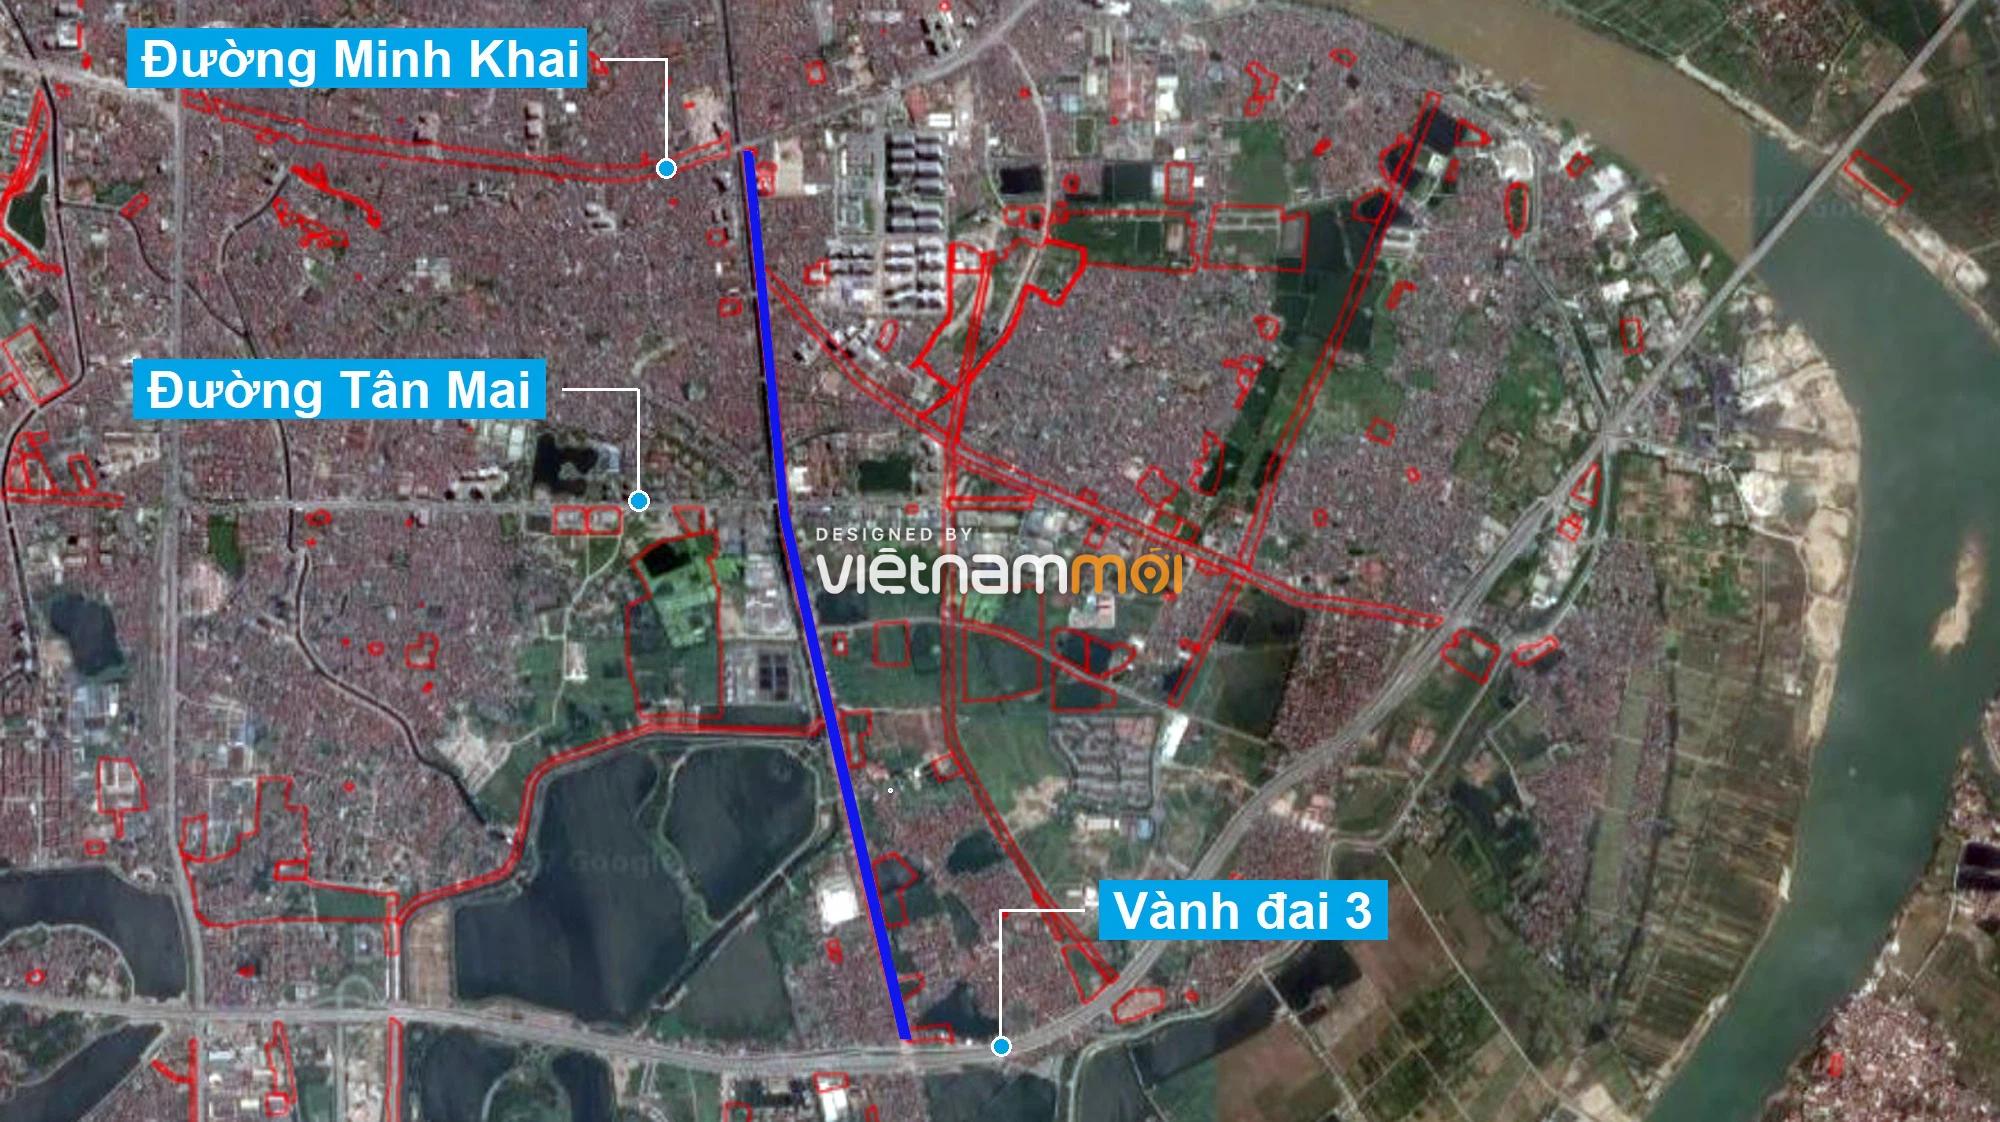 Những khu đất sắp thu hồi để mở đường ở quận Hoàng Mai, Hà Nội (phần 3) - Ảnh 2.